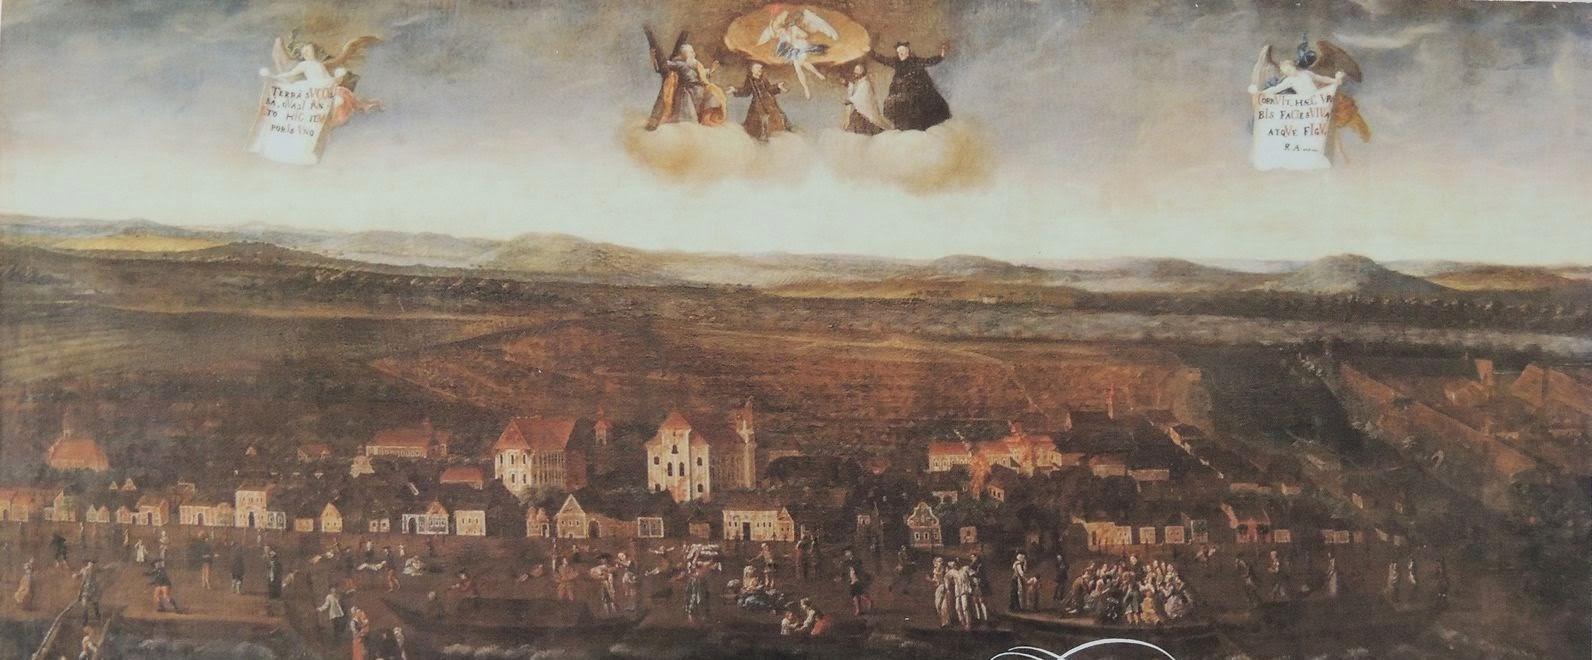 Karl Friedl festménye az 1763-as földrengésről